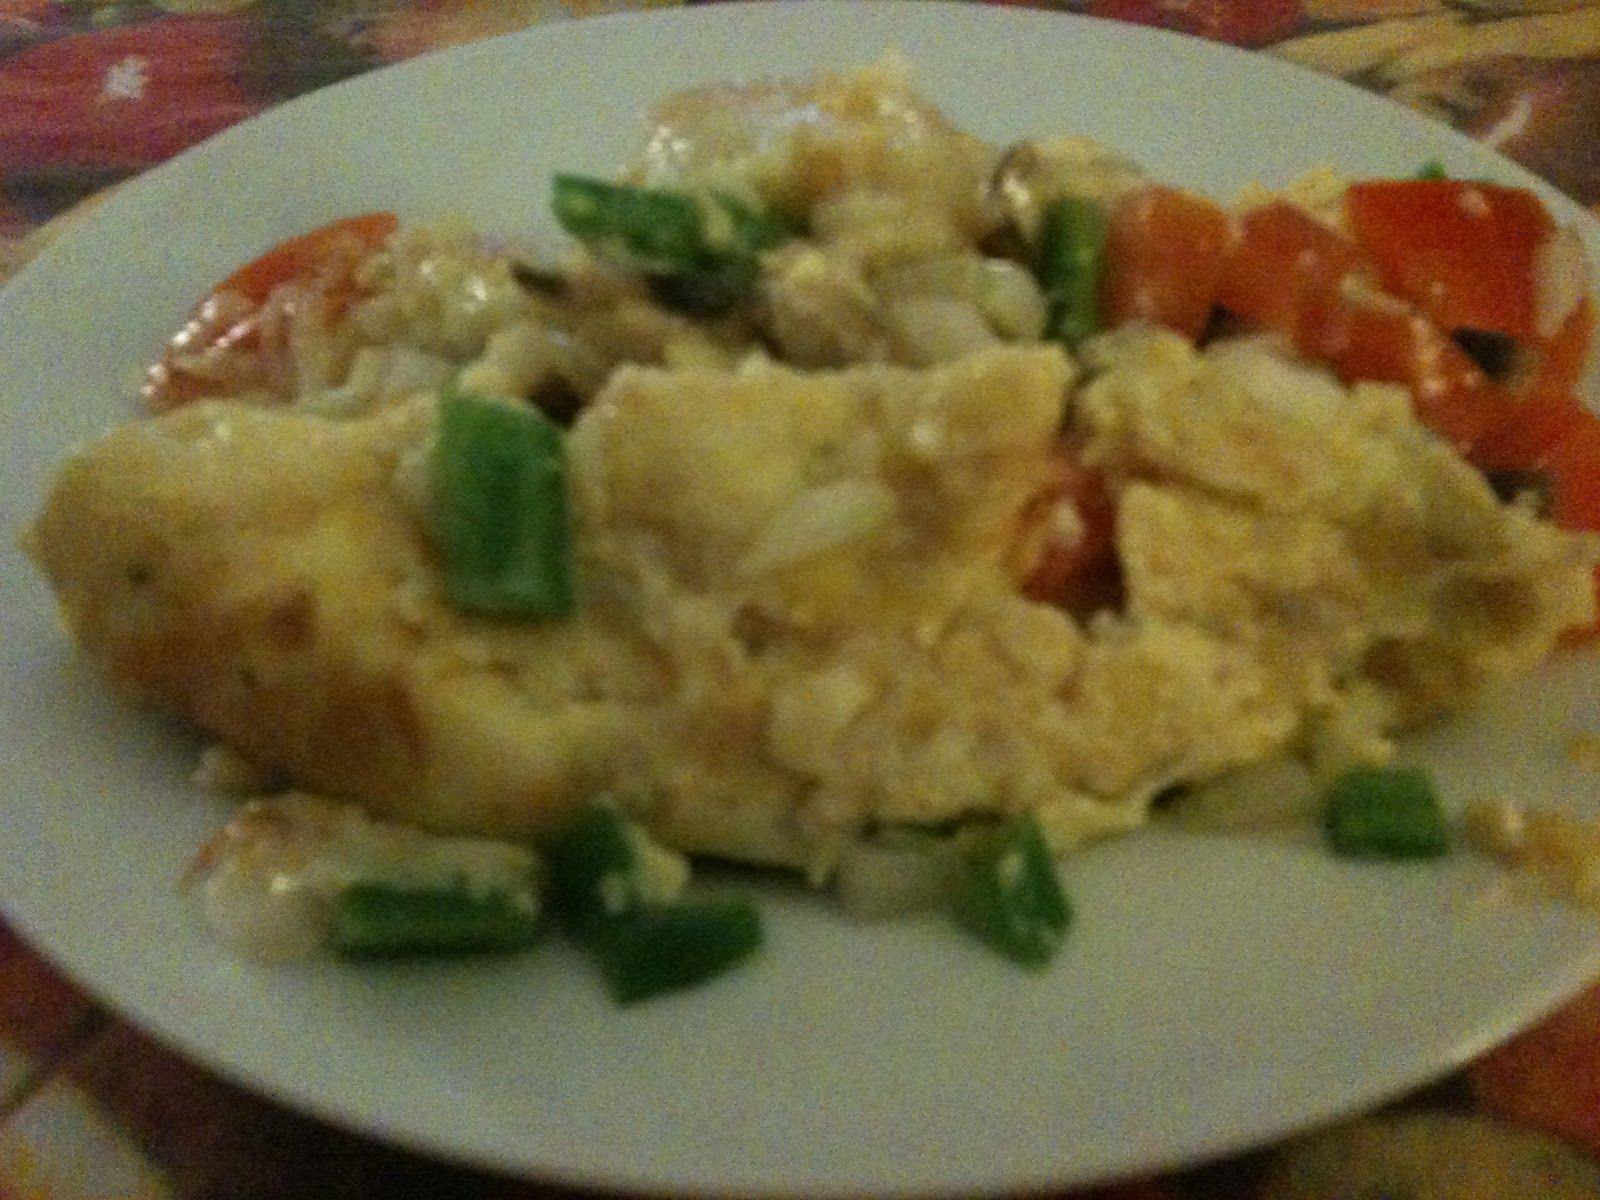 Tortilla de verduritas y queso fundido http://www.fogonesfacilones.com/2012/07/tortilla-de-verduritas-y-queso-fundido.html